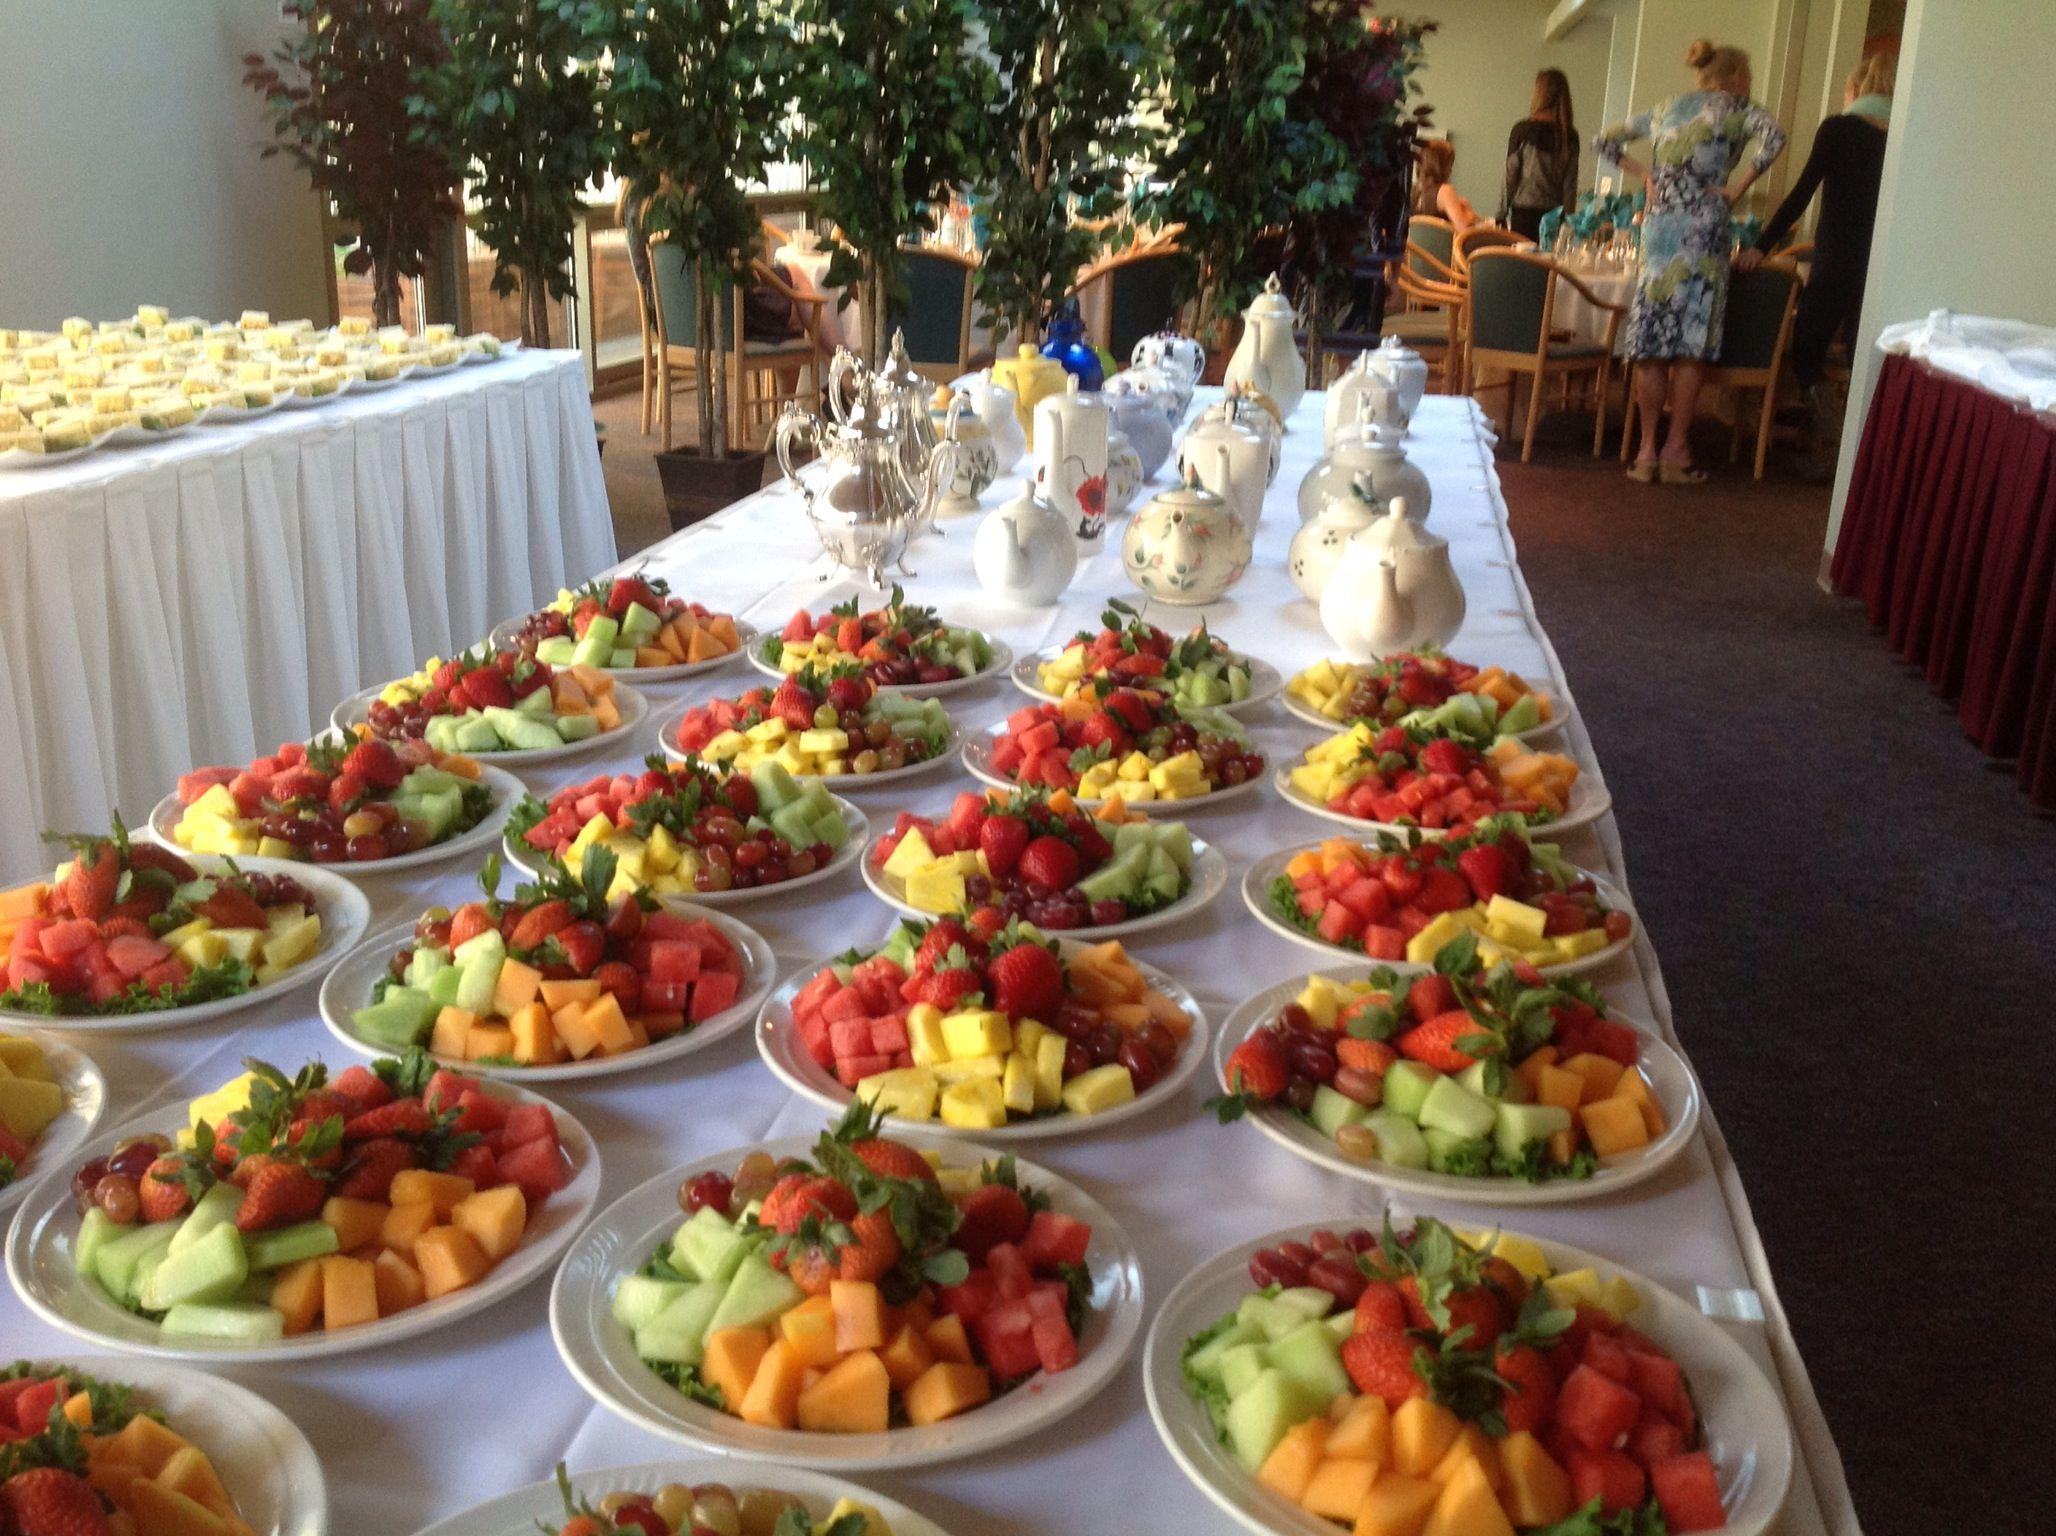 Breakfast by savorla jolla fresh seasonal fruit